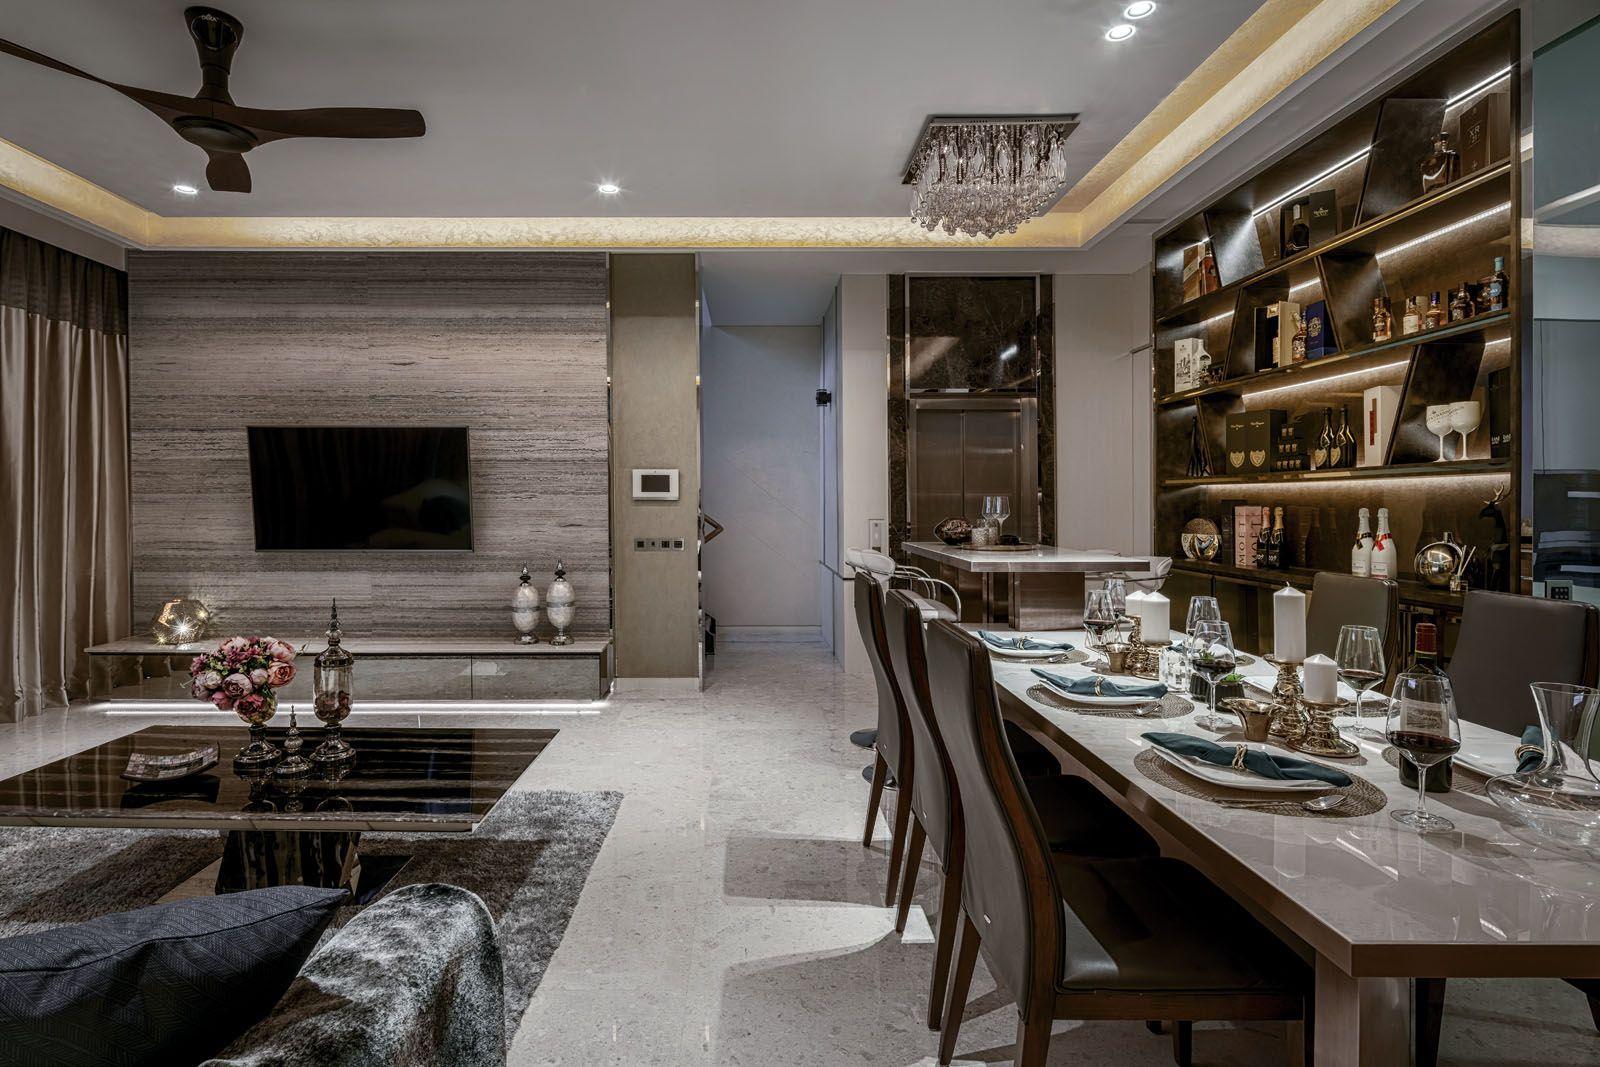 Die stilvolle und luxuriöse Doppelhaushälfte Summerhaus D'zign verfügt über einen angeschlossenen Wohn- und Barbereich